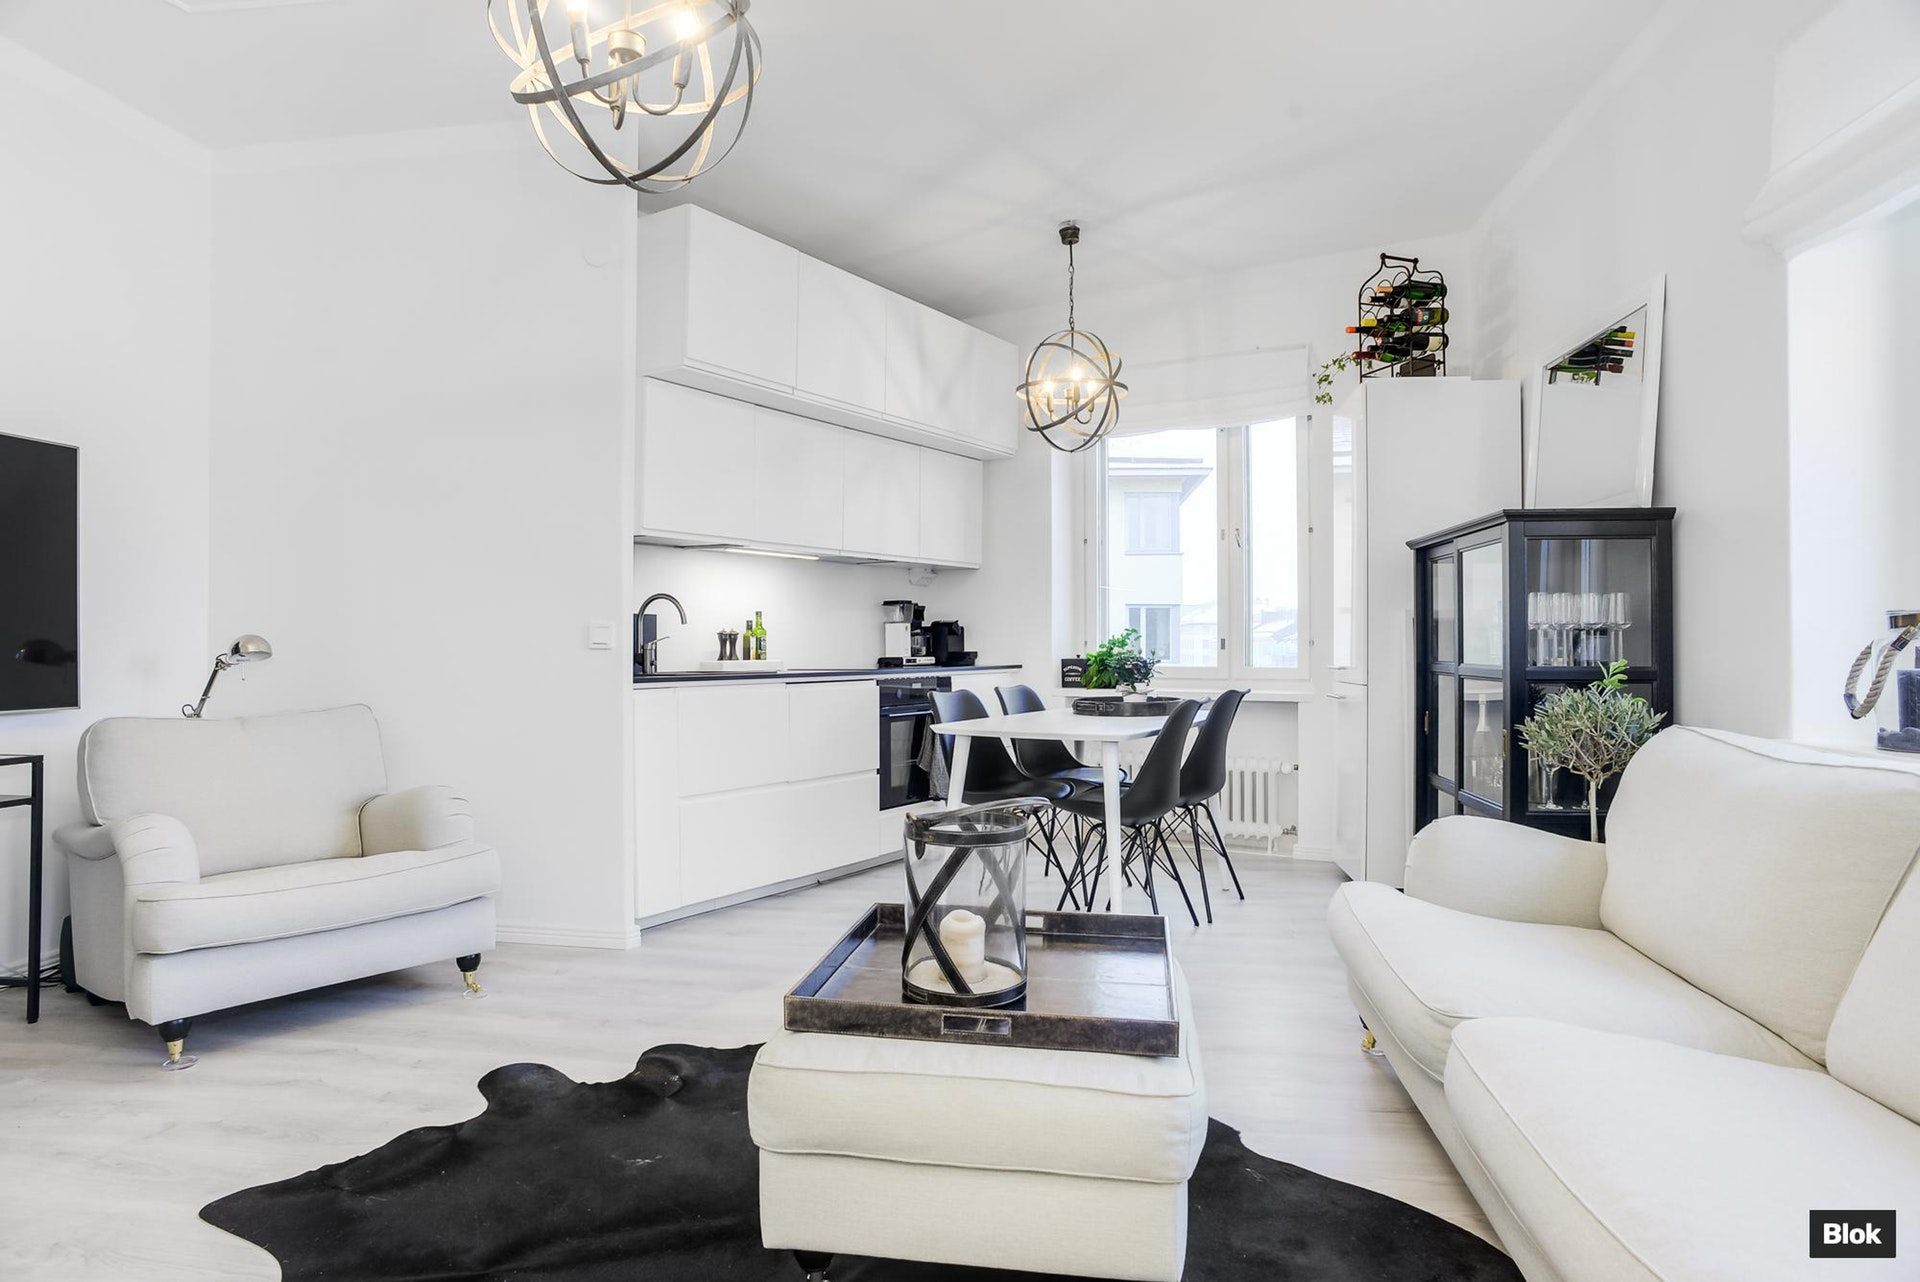 Blok ― Myytävät asunnot